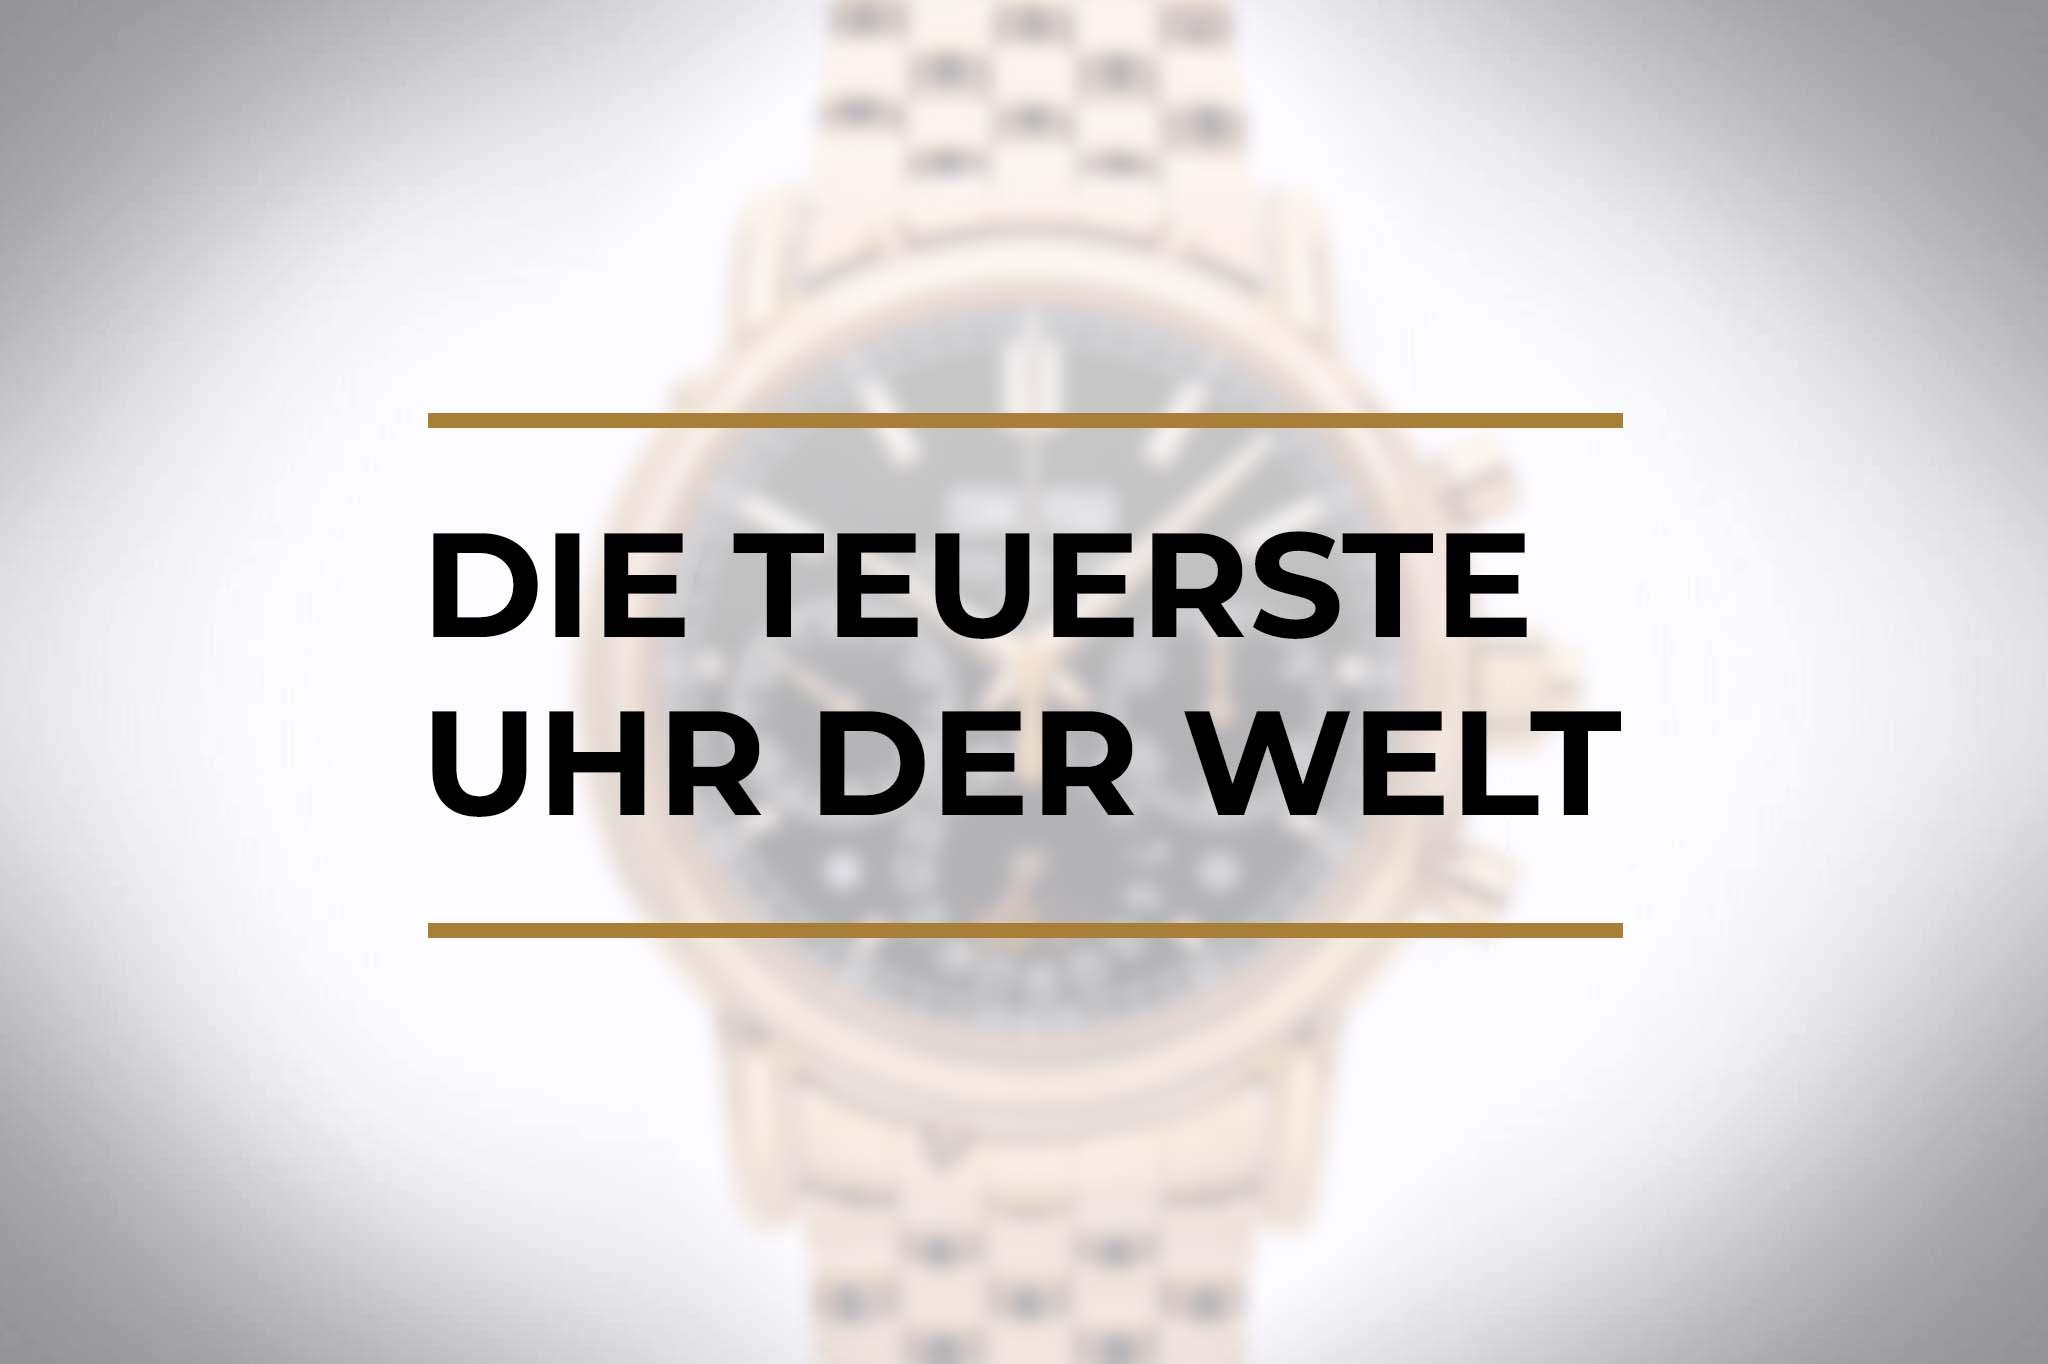 Die teuerste Uhr der Welt – die teuersten Uhren